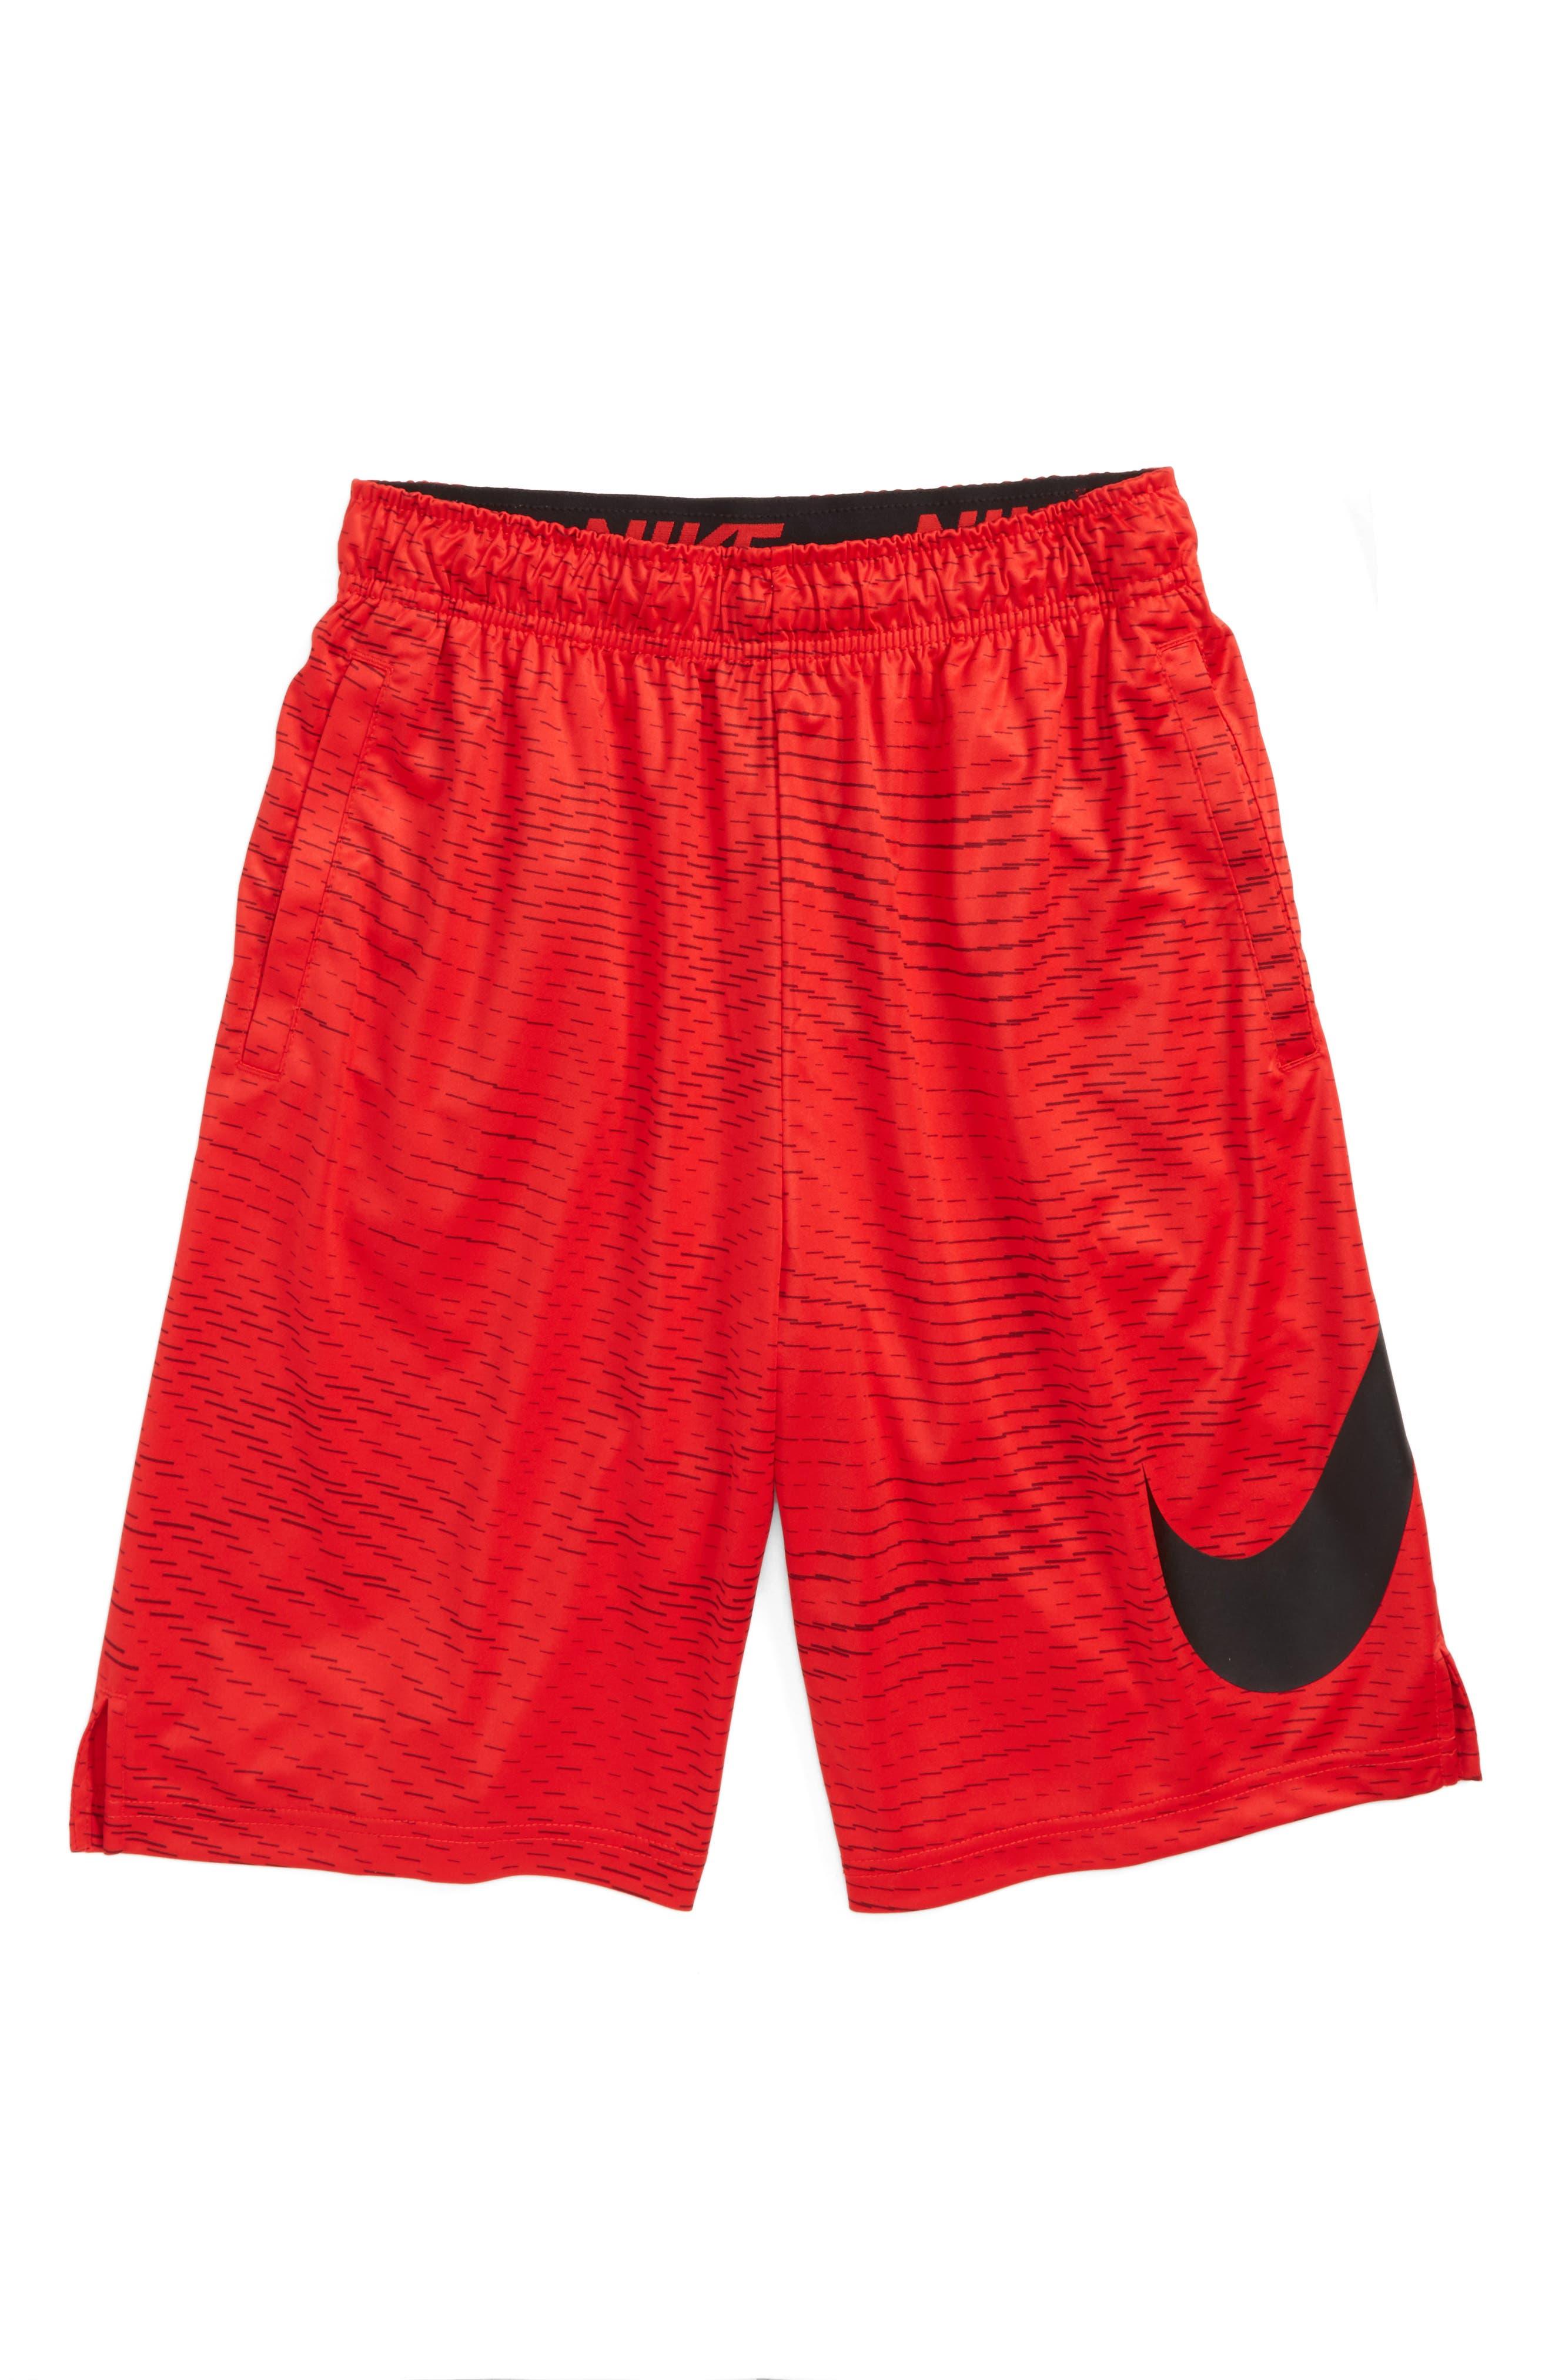 AOP Dry Shorts,                             Main thumbnail 4, color,